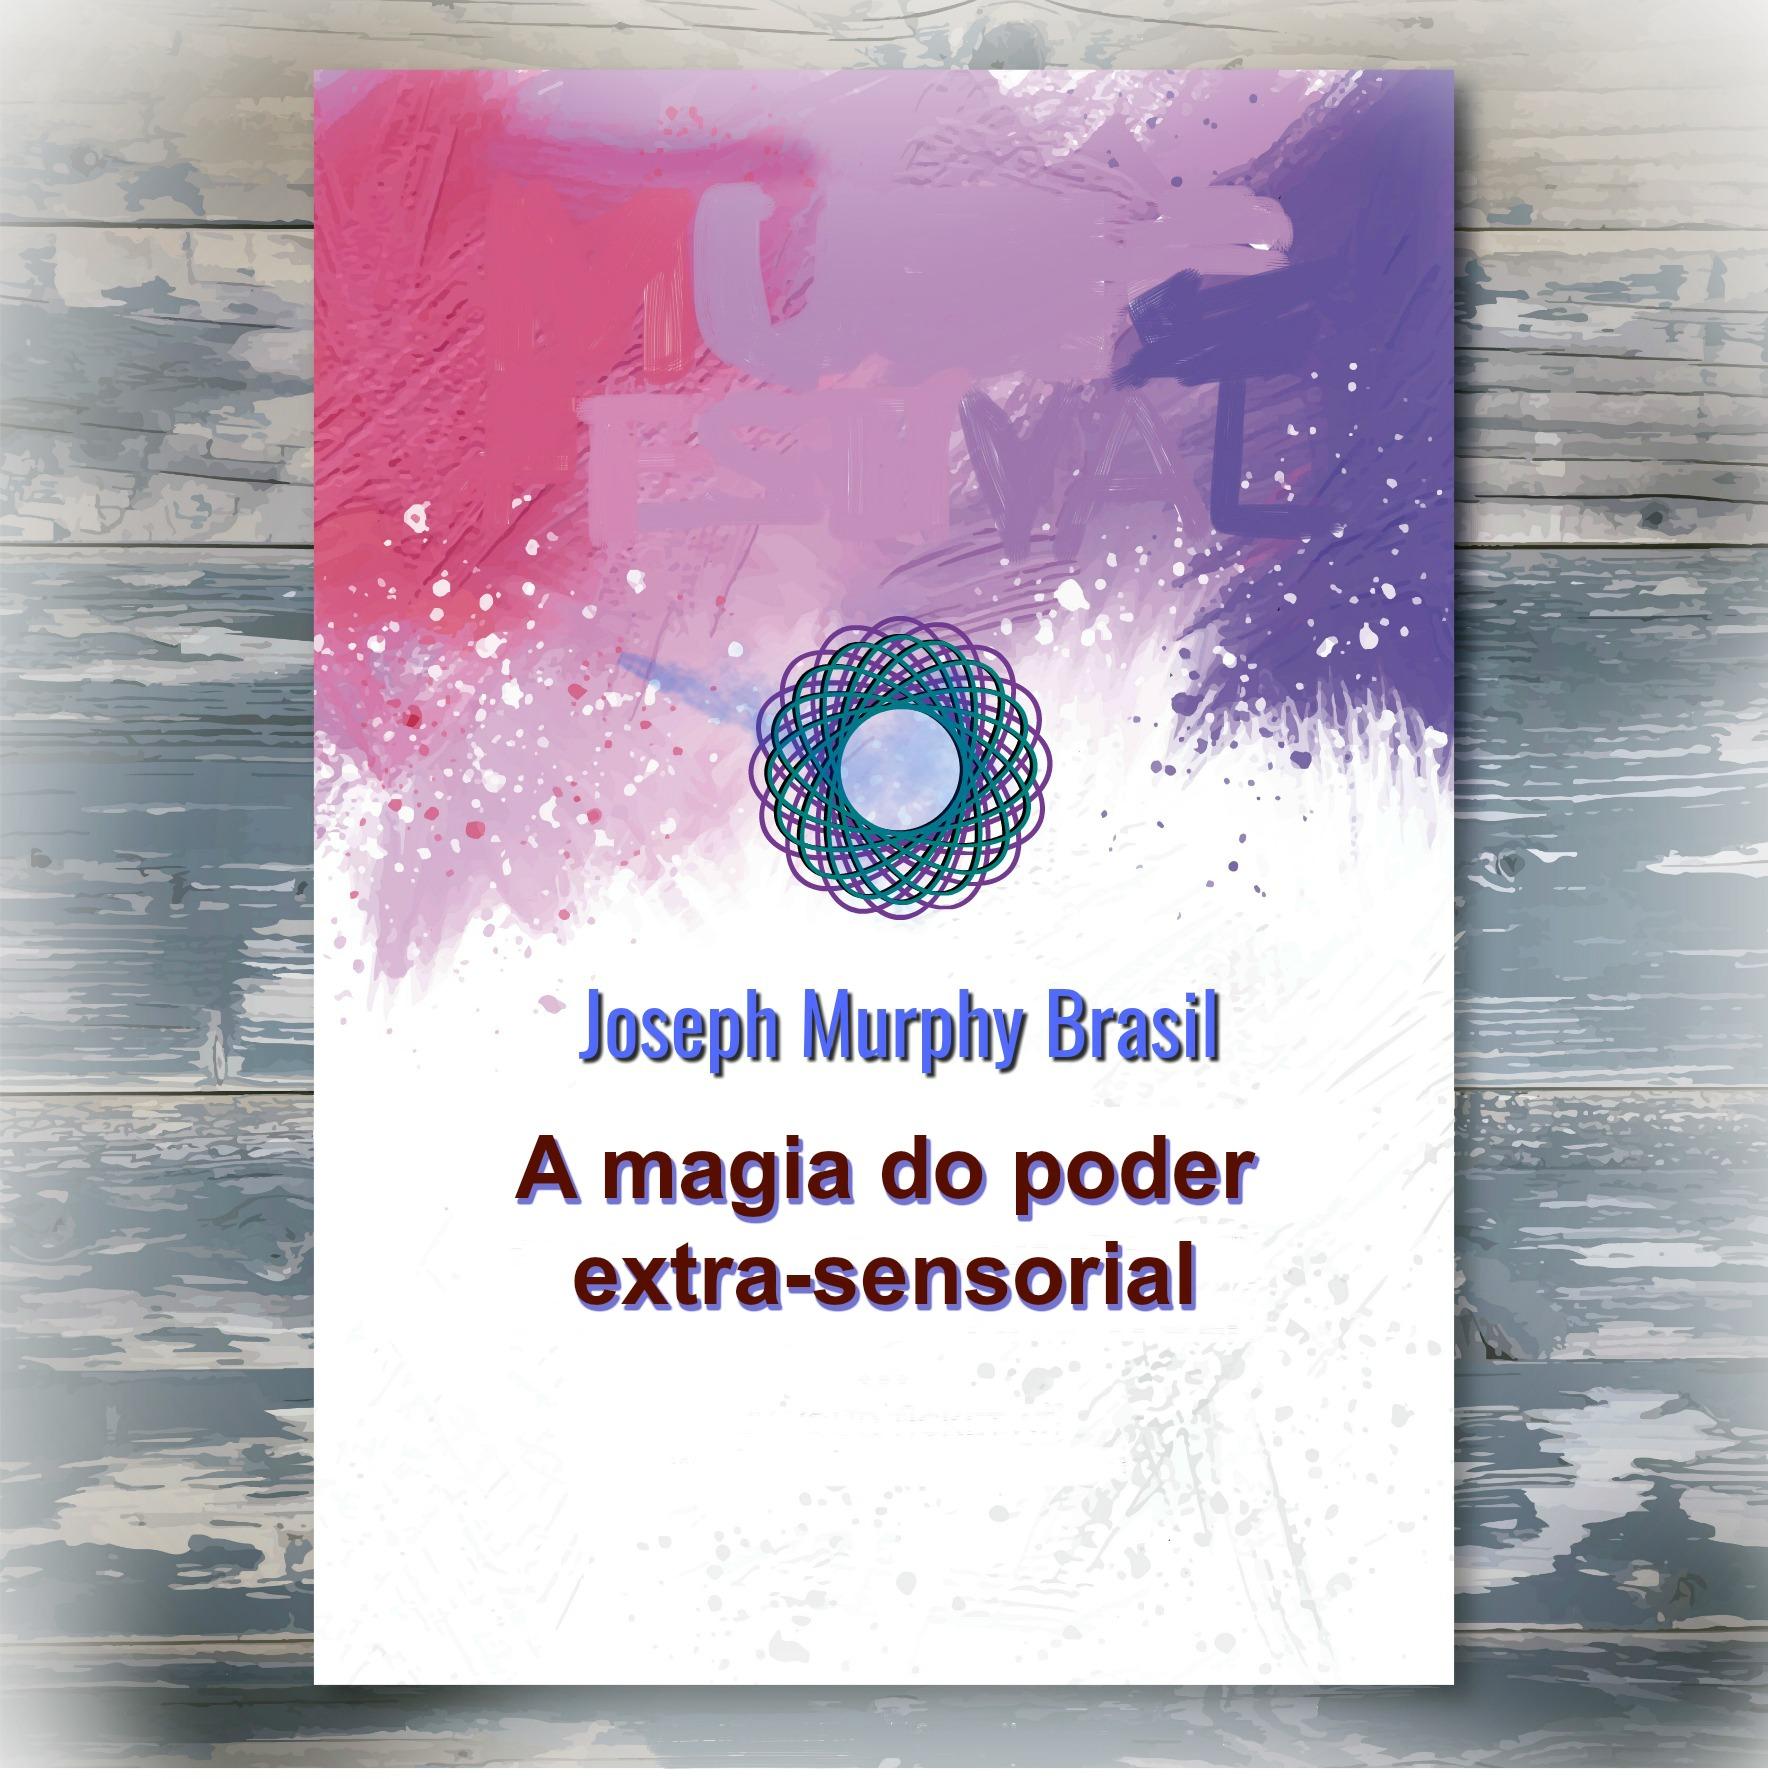 Baixe a magia do poder extra-sensorial livro